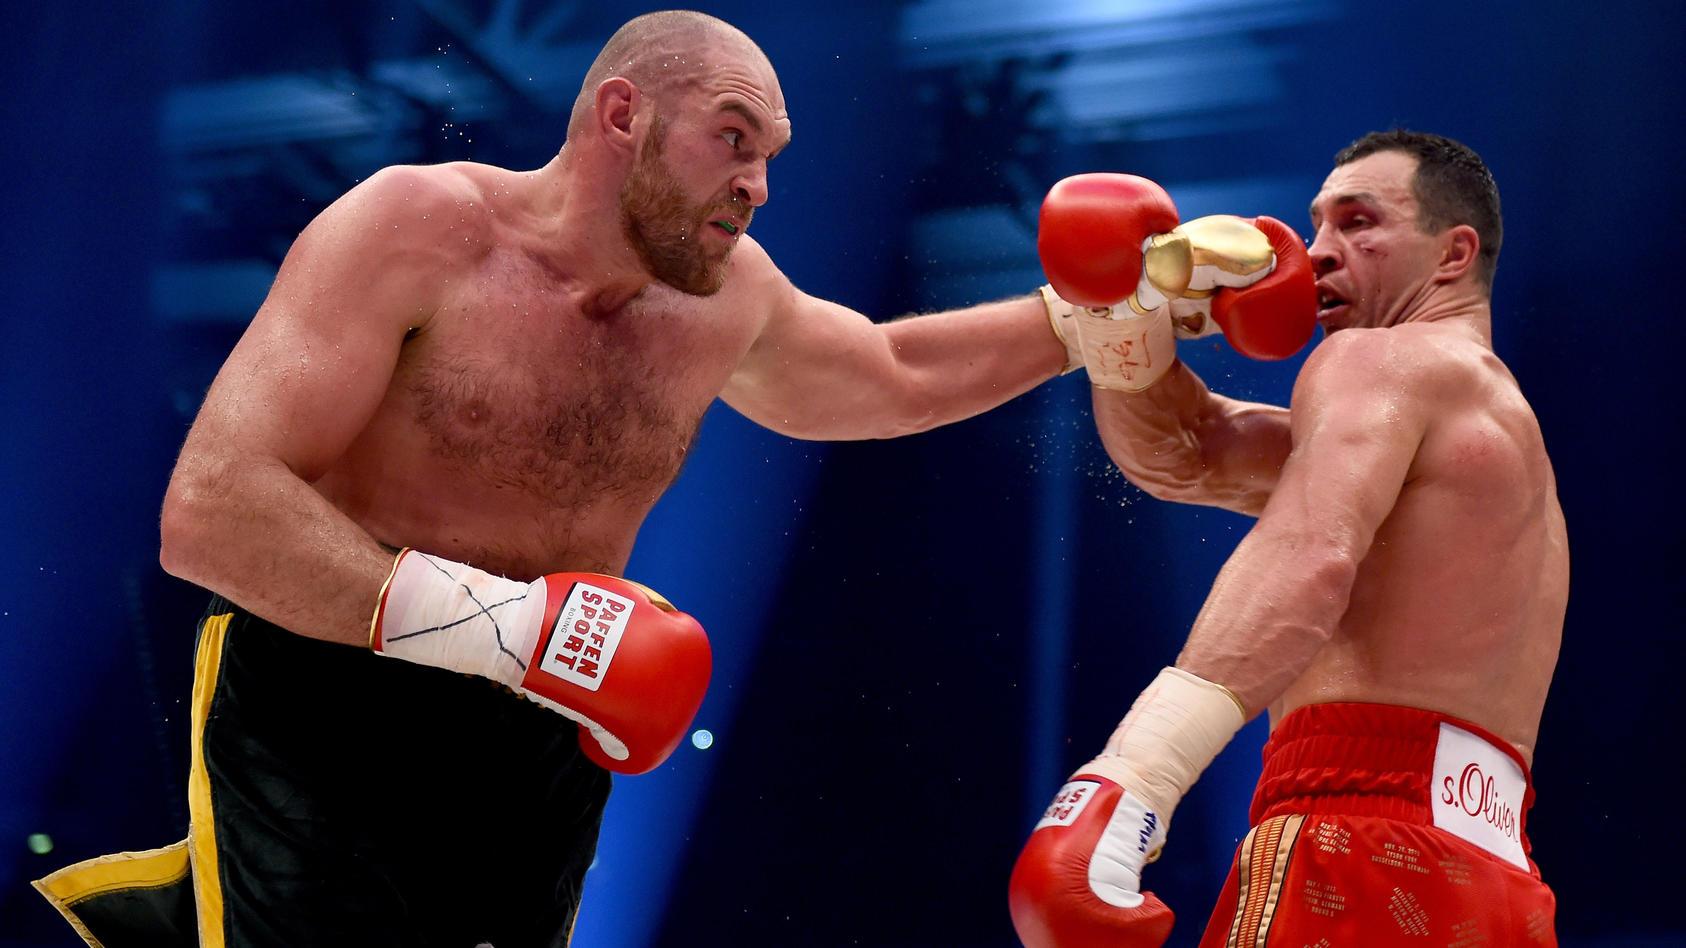 Bei seinem Sieg gegen Wladimir Klitschko präsentierte sich Tyson Fury mit 112 Kilogramm topaustrainiert.